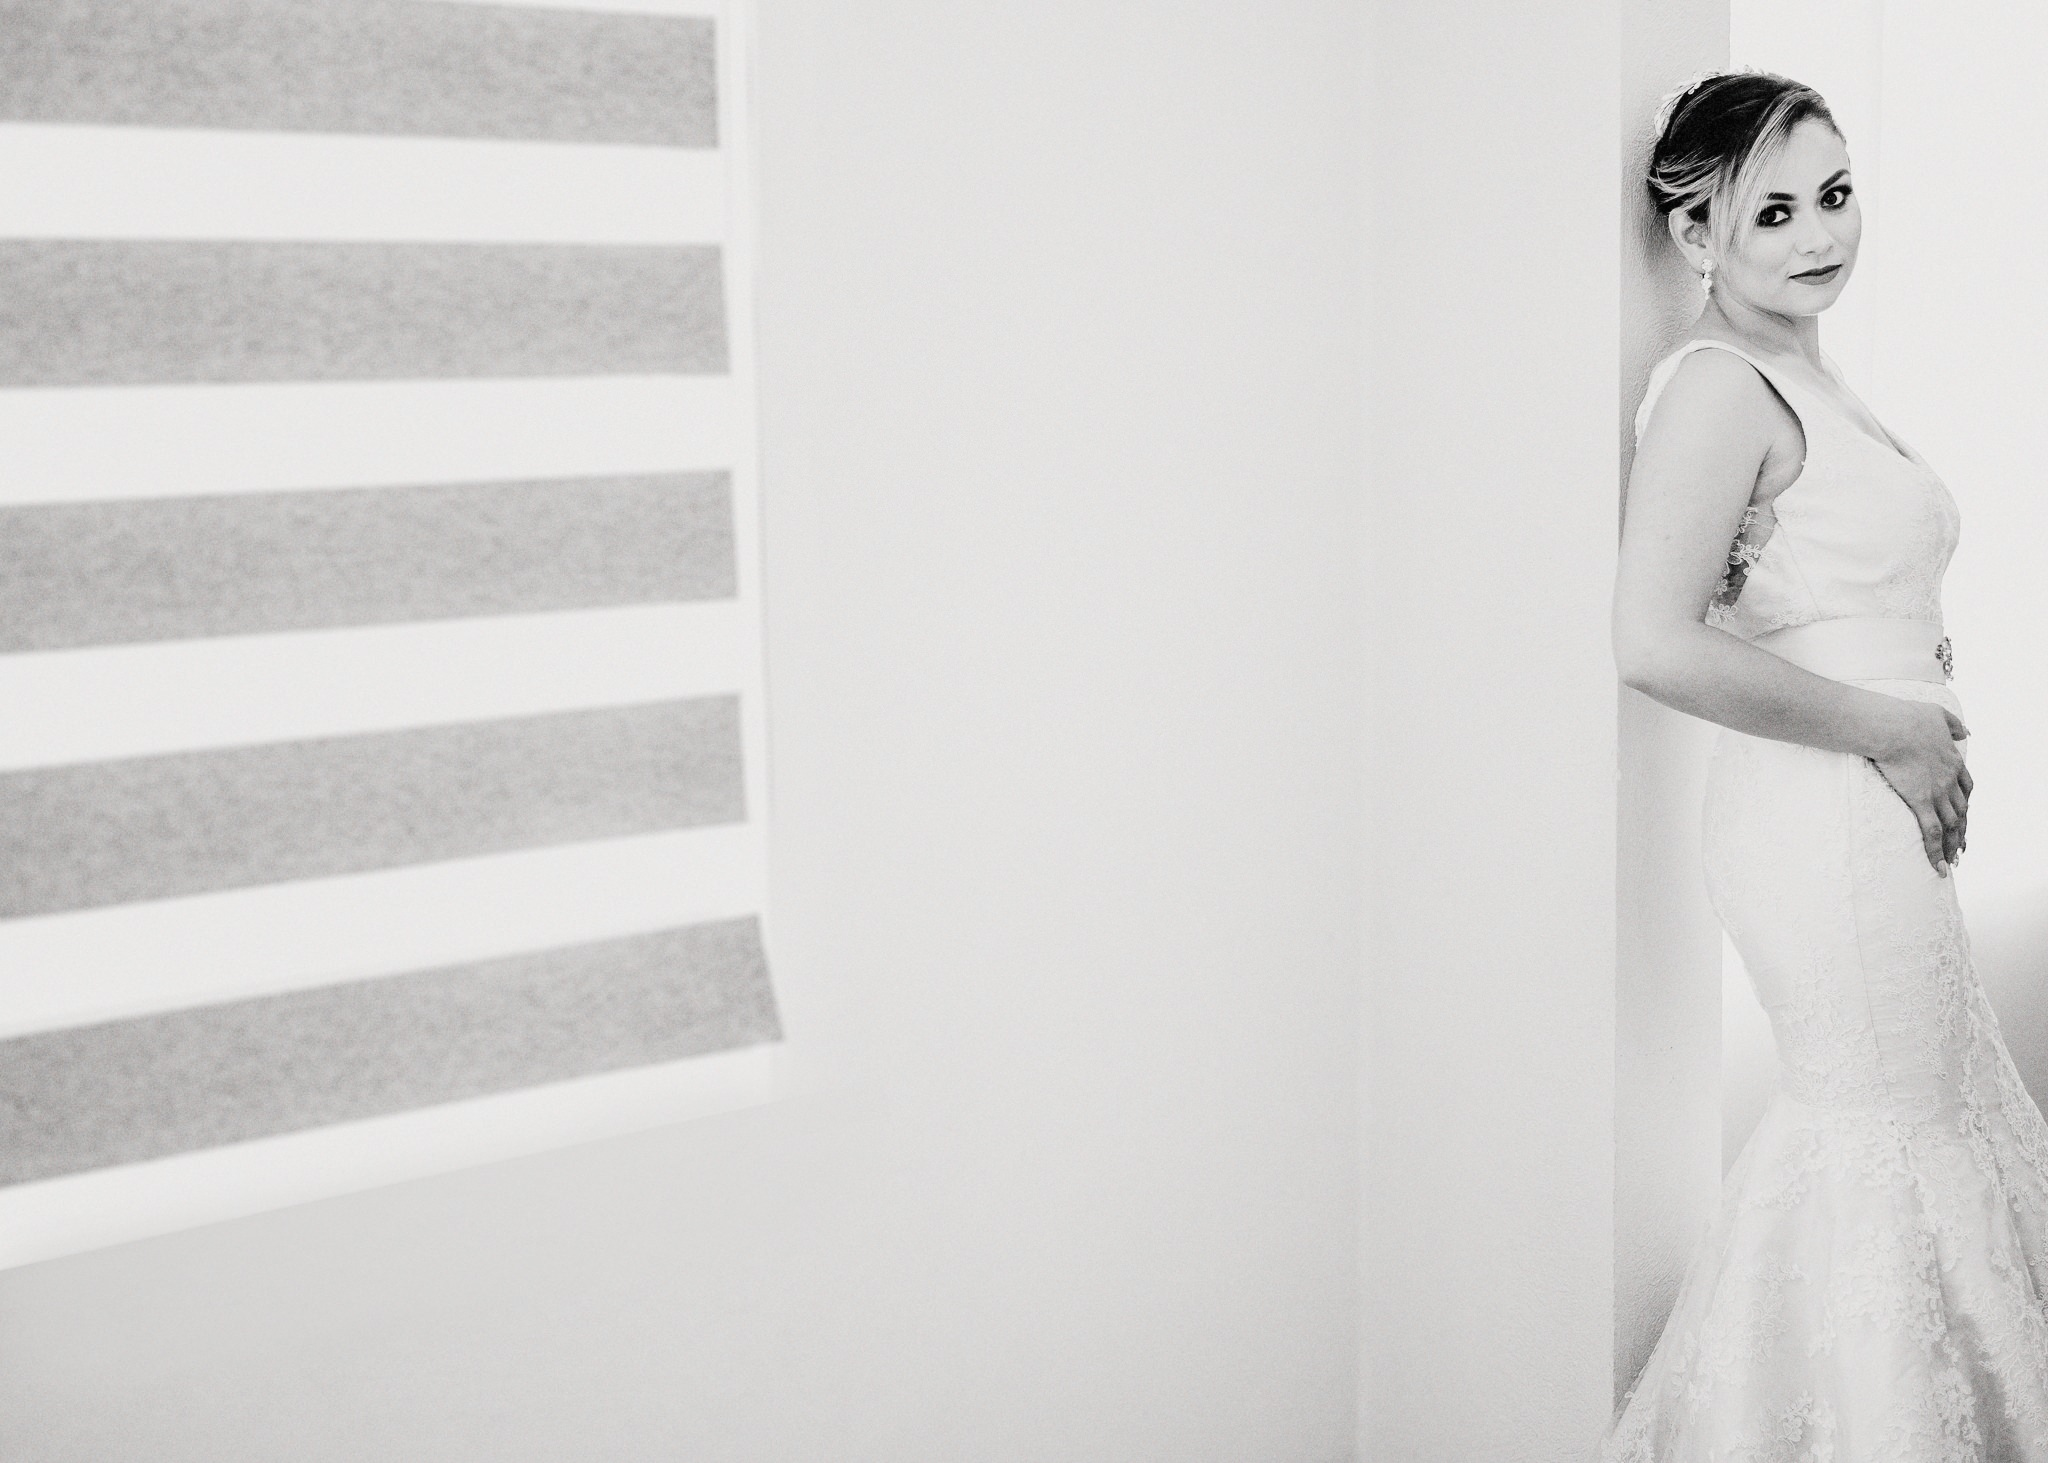 01getting-ready-wedding-hotel-las-trojes-boda-preparativos-fotografo-luis-houdin24